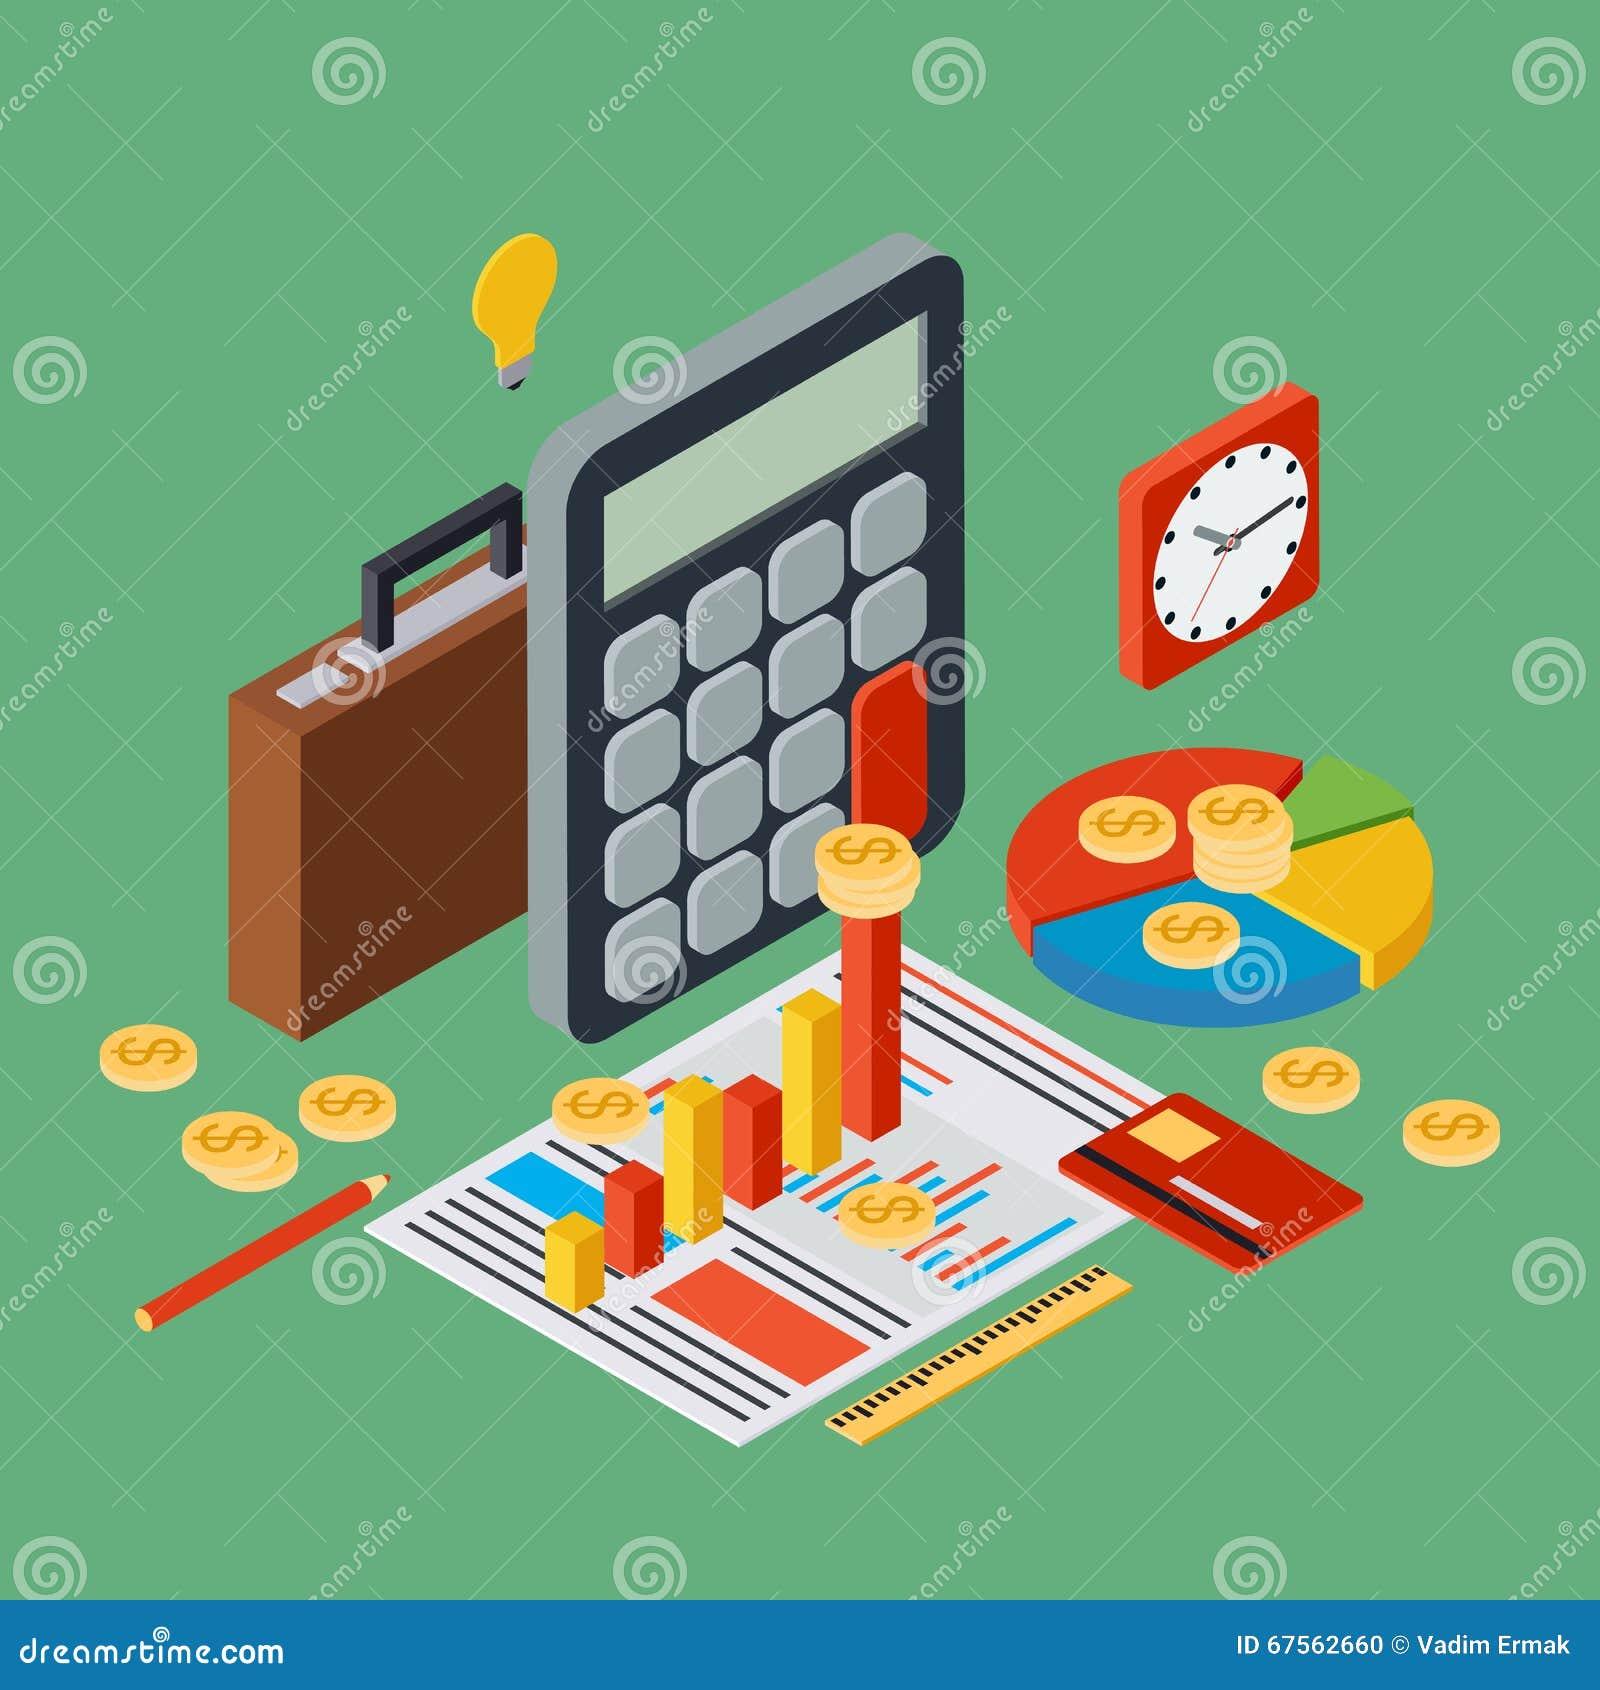 Бизнес планы статистика бизнес план табачный павильон